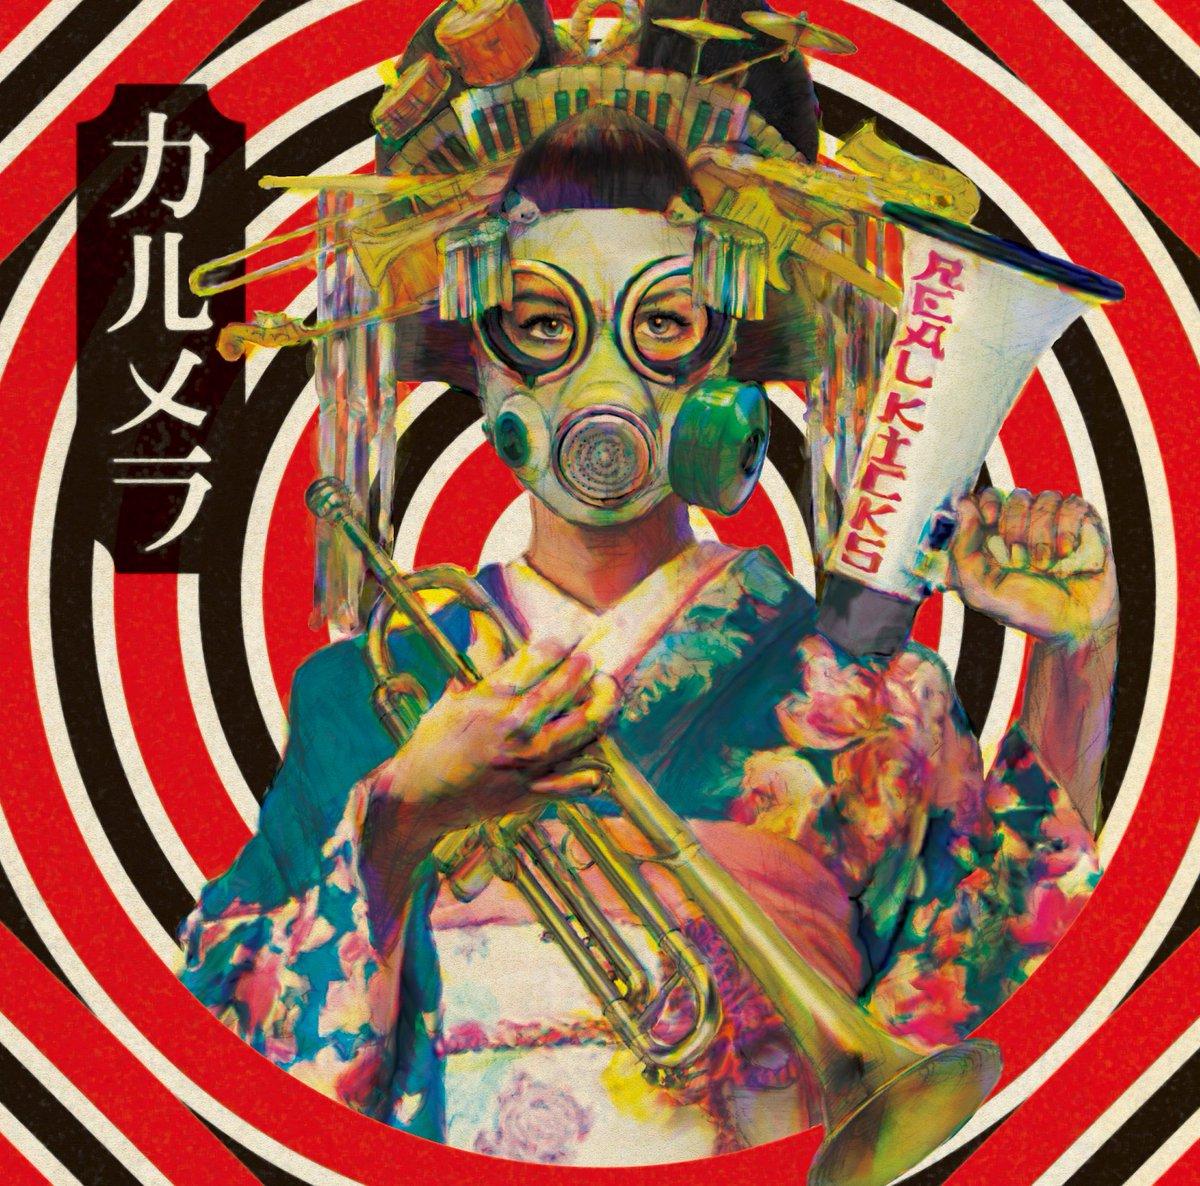 【拡散お願いします!】4/20(水)にカルメラの新アルバム「REAL KICKS」が発売決定!ソニーハイレゾウォークマンTVCMソング「犬、逃げた。-ver. 2.0-」他全10曲入り!https://t.co/zu8vgpuEUO https://t.co/t3Cs4a2dOi